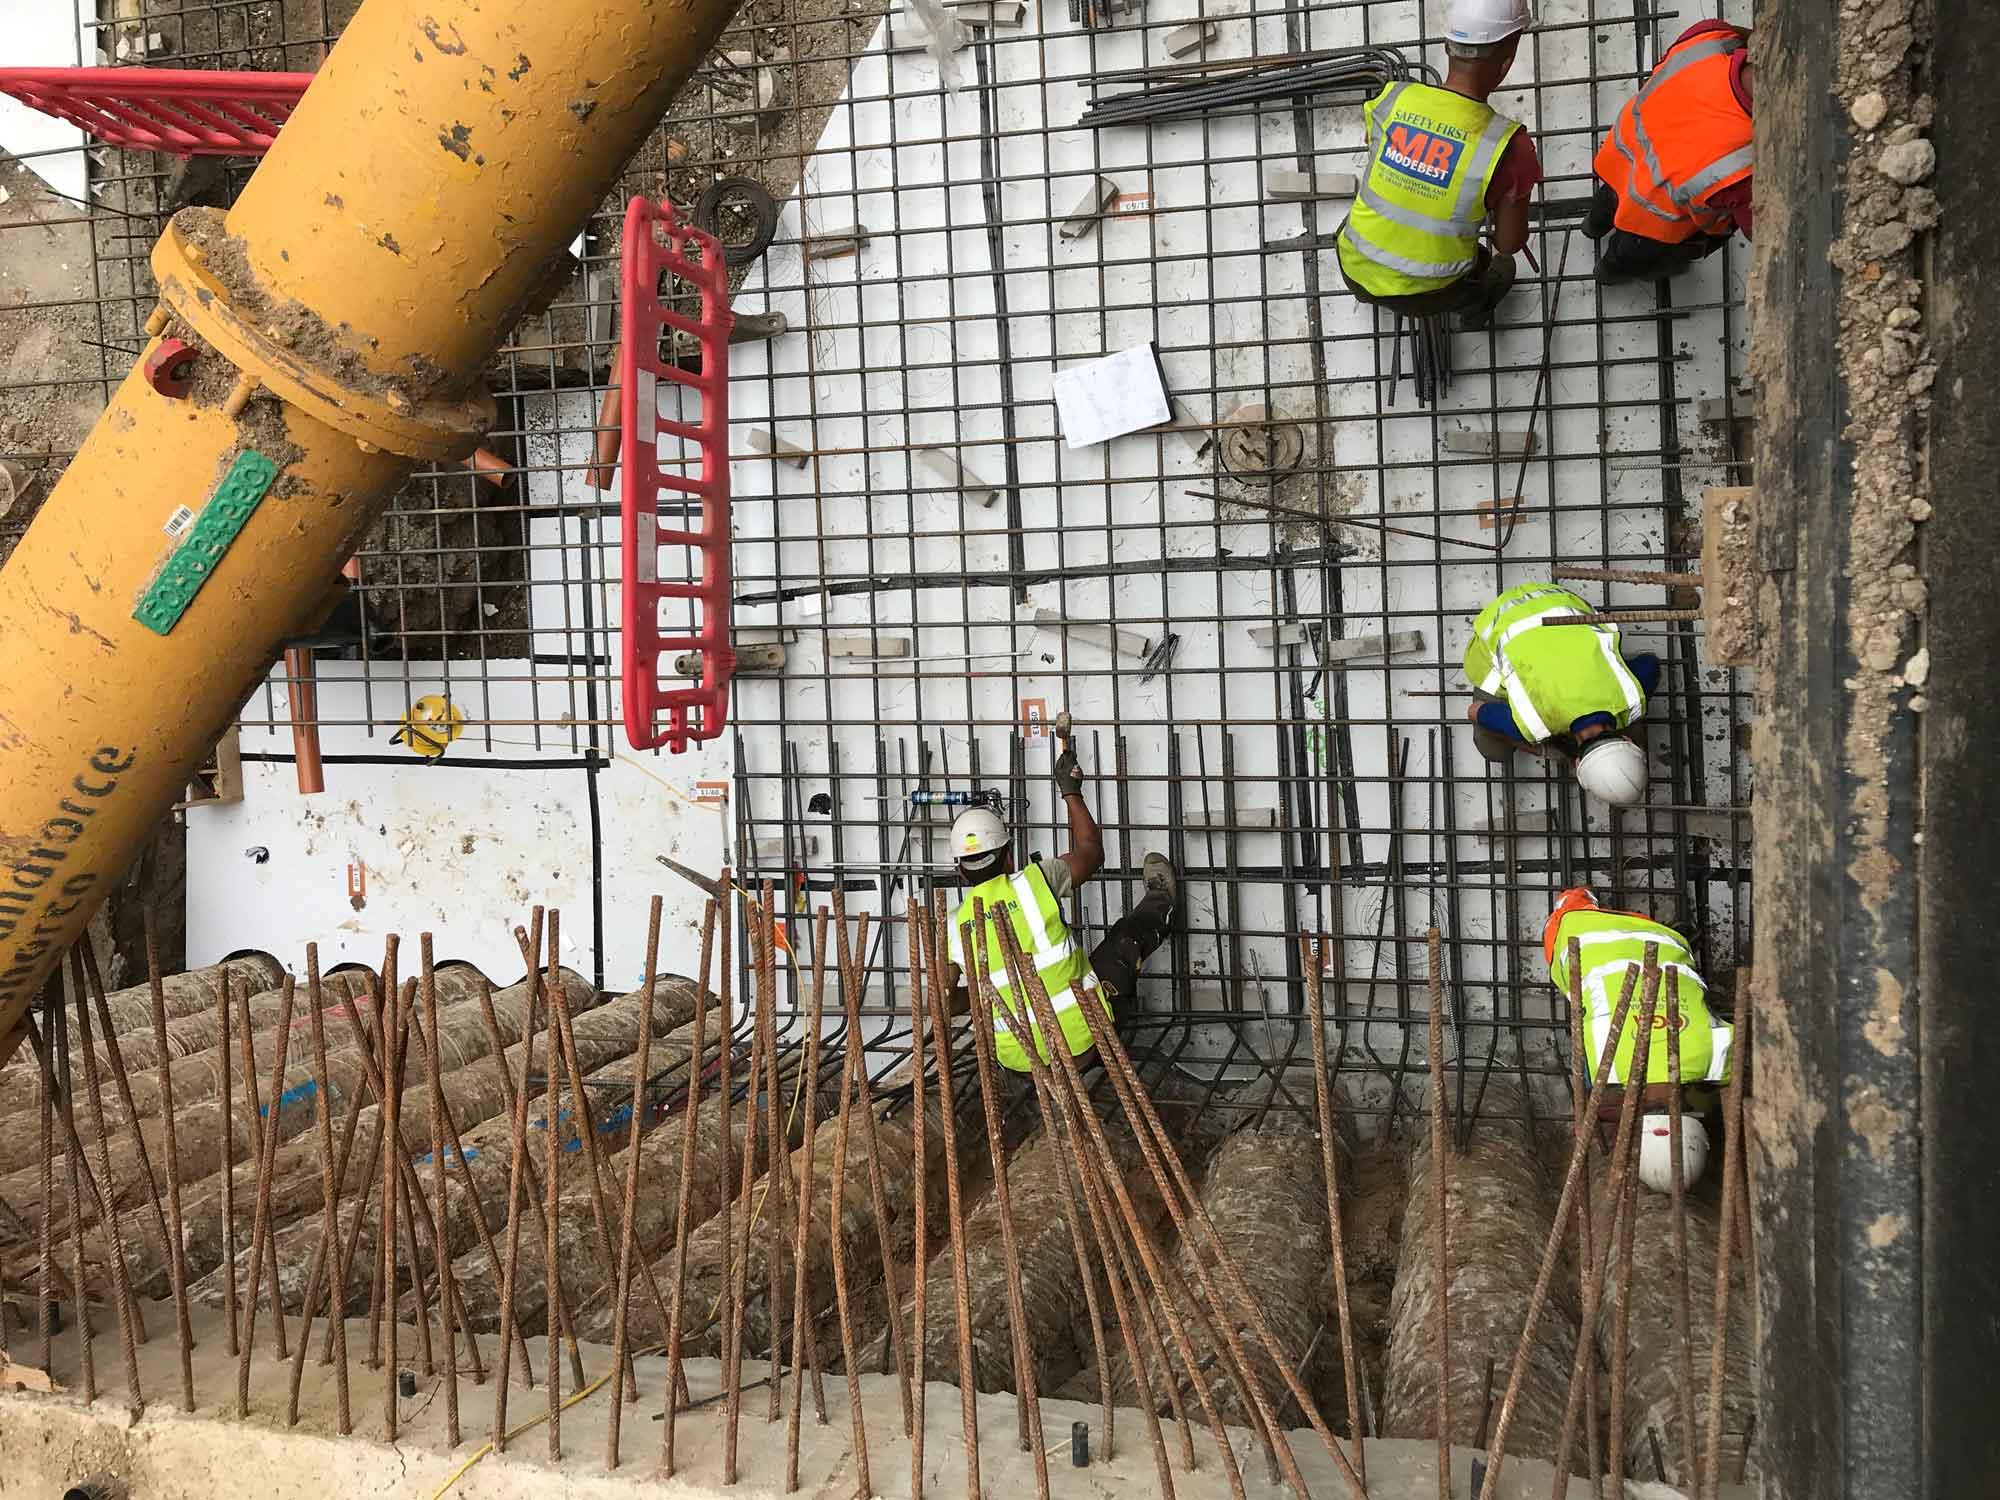 kensington-house-openstudio-architects-basement-construction